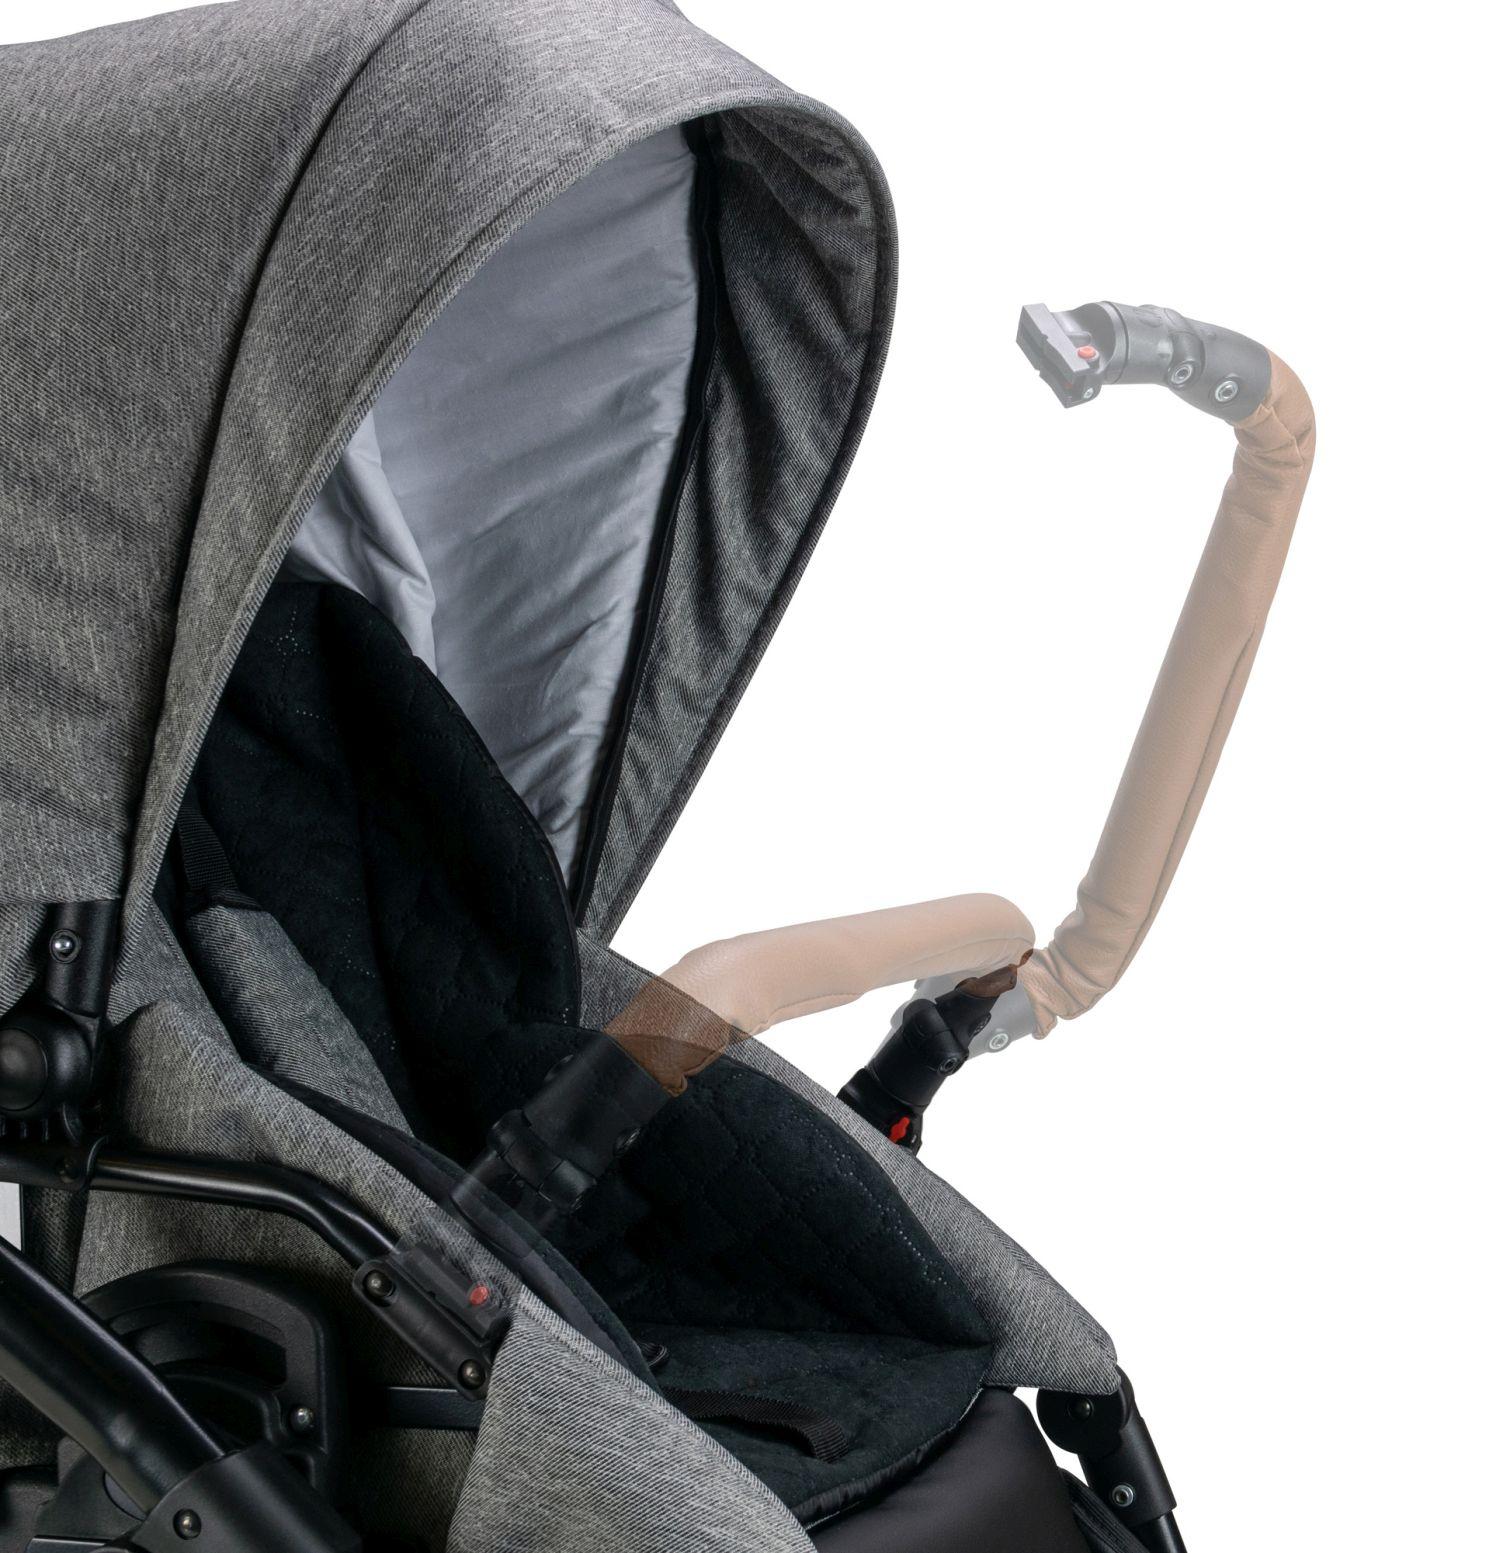 Sicherheitsbügel Springer Kinderwagen